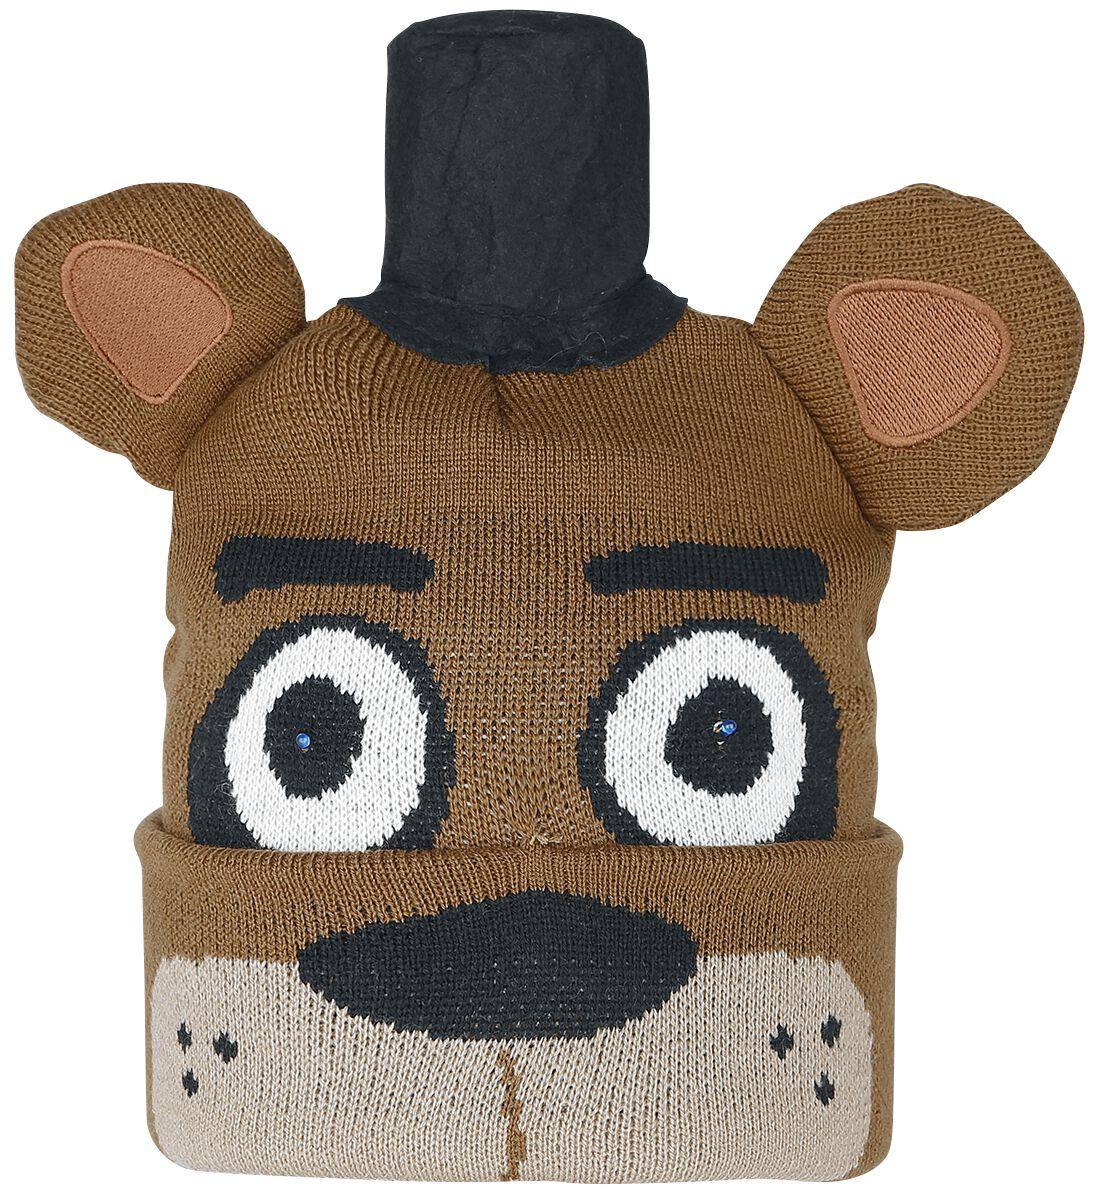 Merch dla Fanów - Czapki i Kapelusze - Beanie Five Nights At Freddy's Freddy With LED Eyes Beanie wielokolorowy - 361991